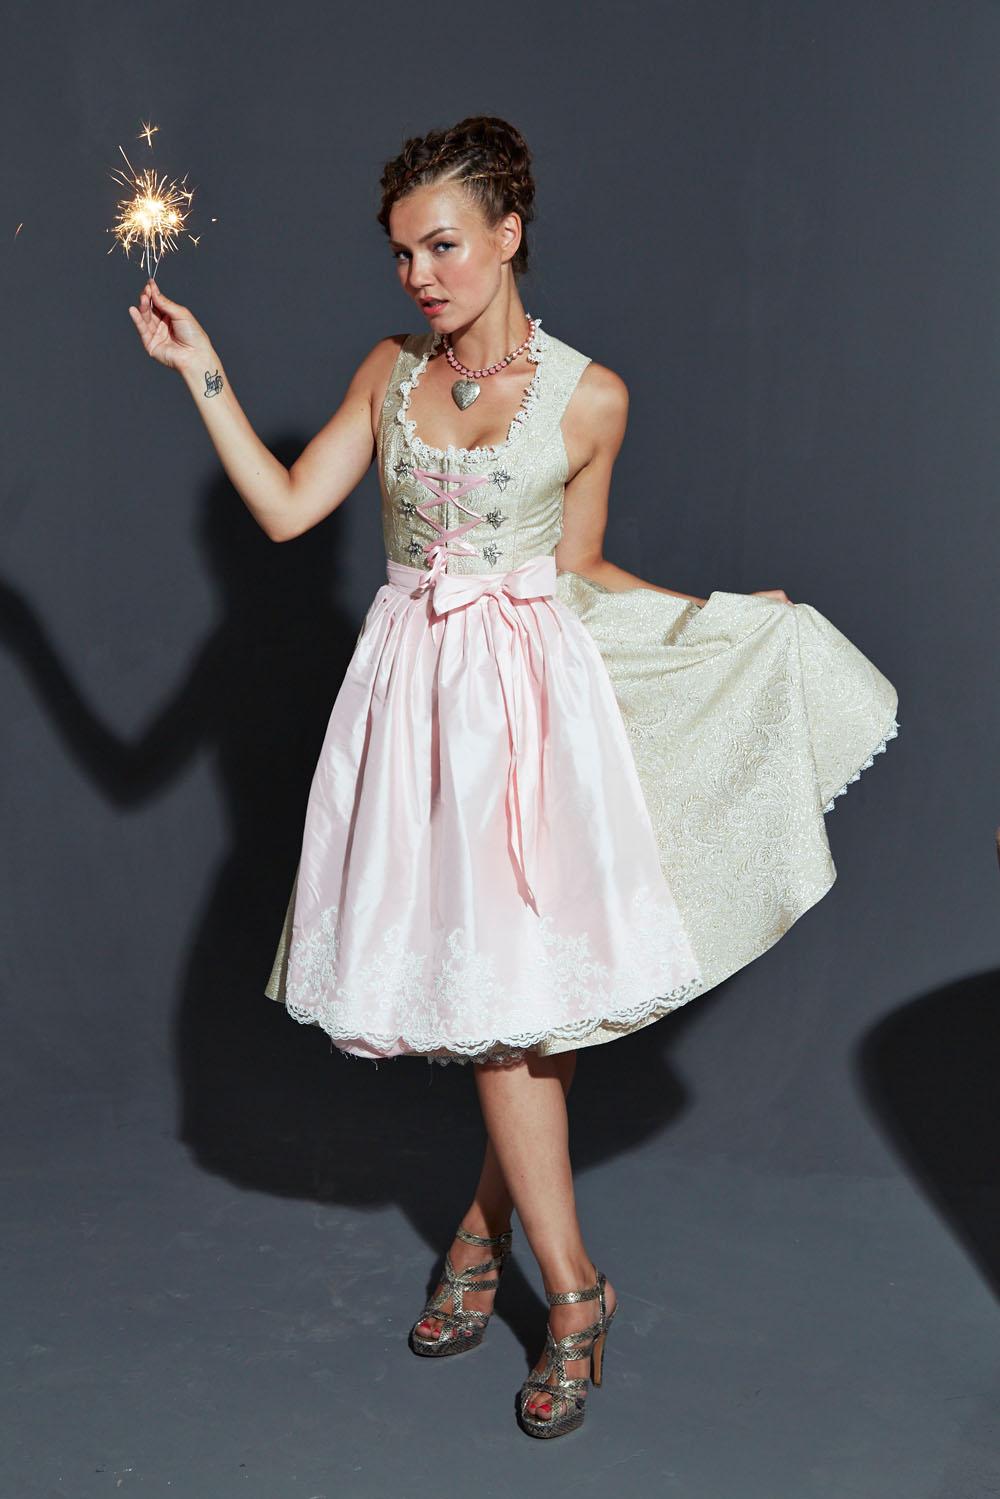 Neat Couture Dirndl Hochzeitsdirndl Maßgeschneidert Handgefertigt Unikat Einzelstück Brokat Seidenschürze